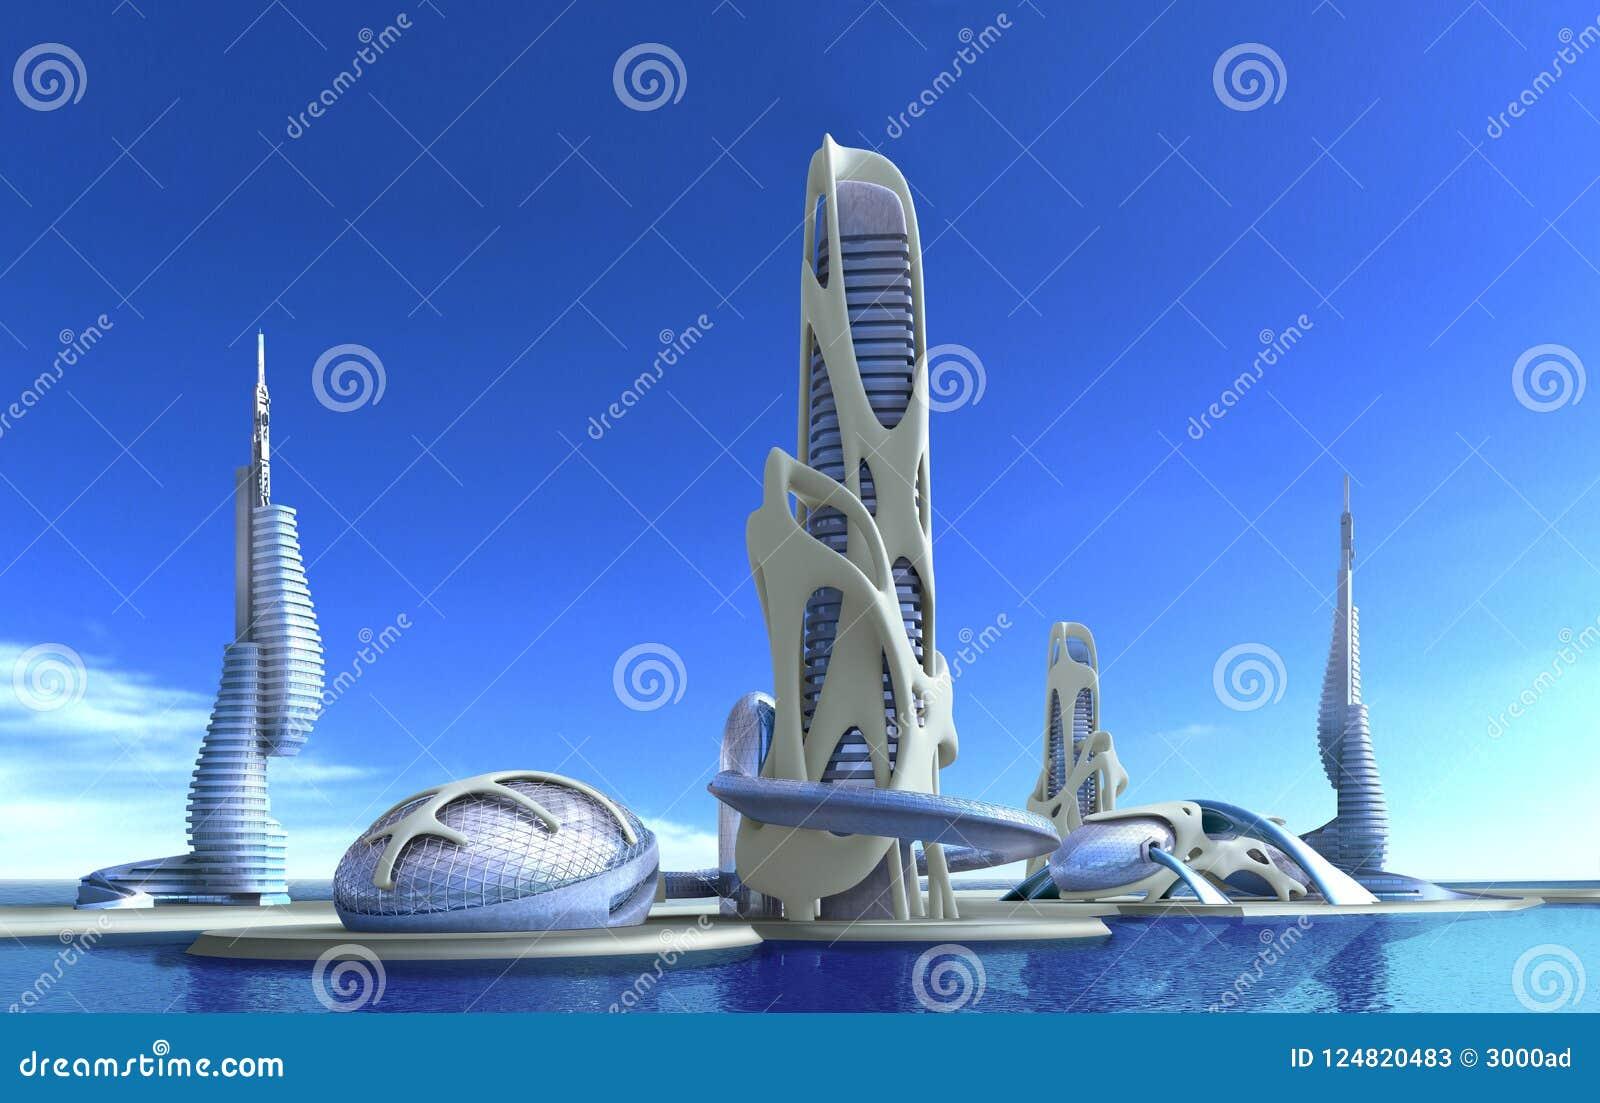 Architettura futuristica della citt per la fantasia ed il for Programmi 3d architettura